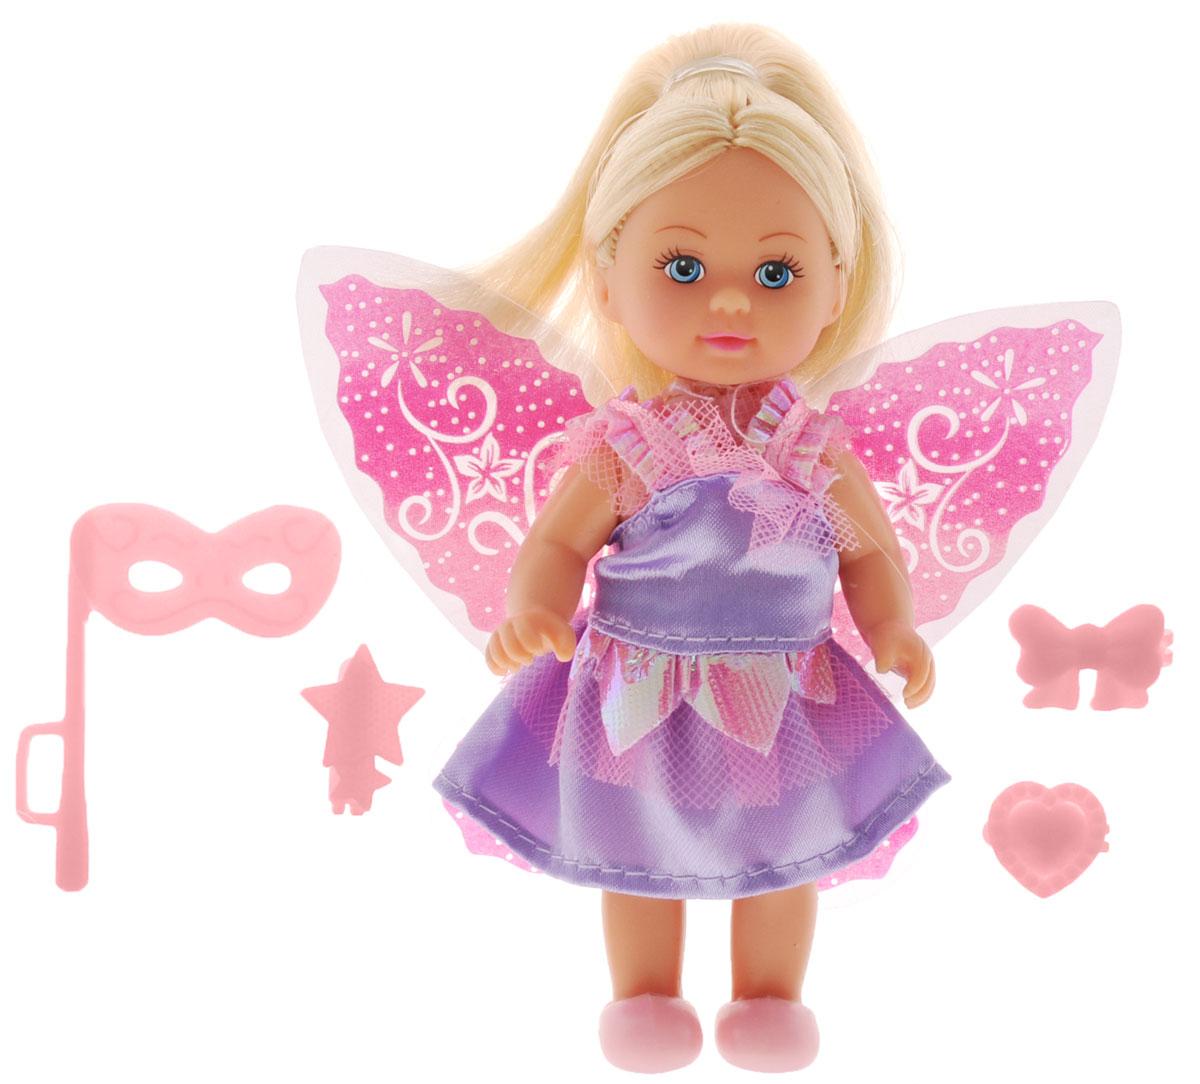 Simba Мини-кукла Еви-фея5736592_сиреневое платьеМини-кукла Simba Еви-фея порадует любую девочку и поможет ей погрузиться в сказочный мир волшебства. В комплект входит кукла Еви и стильные аксессуары. Кукла одета в длинное платье, украшенное блестящими вставками, на ногах у нее - удобные ботиночки. За спиной Еви - прекрасные крылья феи. Вашей дочурке непременно понравится заплетать длинные белокурые волосы куклы, придумывая разнообразные прически. В комплект также входит маскарадная маска и 3 заколки: в виде звездочек, сердечка и бантика. Заколки, крылья, ботинки и маска светятся в темноте. Руки, ноги и голова куклы подвижны, благодаря чему ей можно придавать разнообразные позы. Игры с куклой способствуют эмоциональному развитию, помогают формировать воображение и художественный вкус, а также разовьют в вашей малышке чувство ответственности и заботы. Великолепное качество исполнения делают эту куколку чудесным подарком к любому празднику.